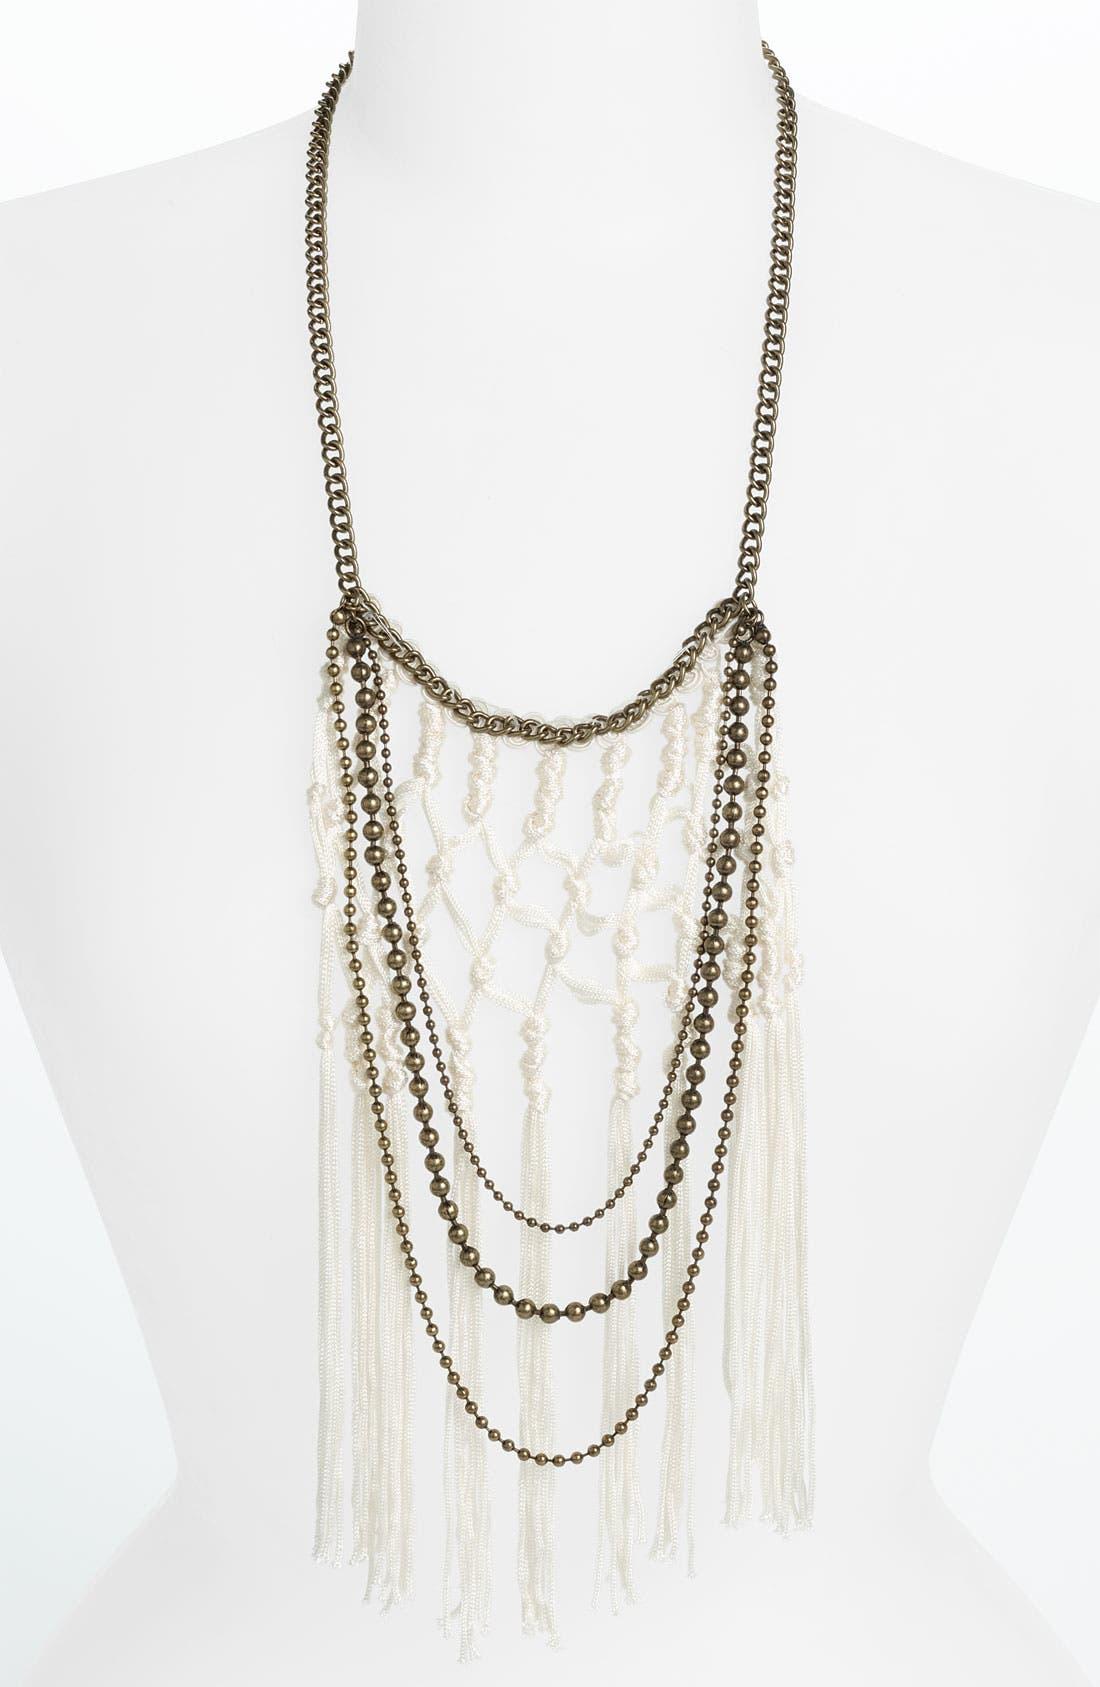 Main Image - Cara Couture Macramé Necklace